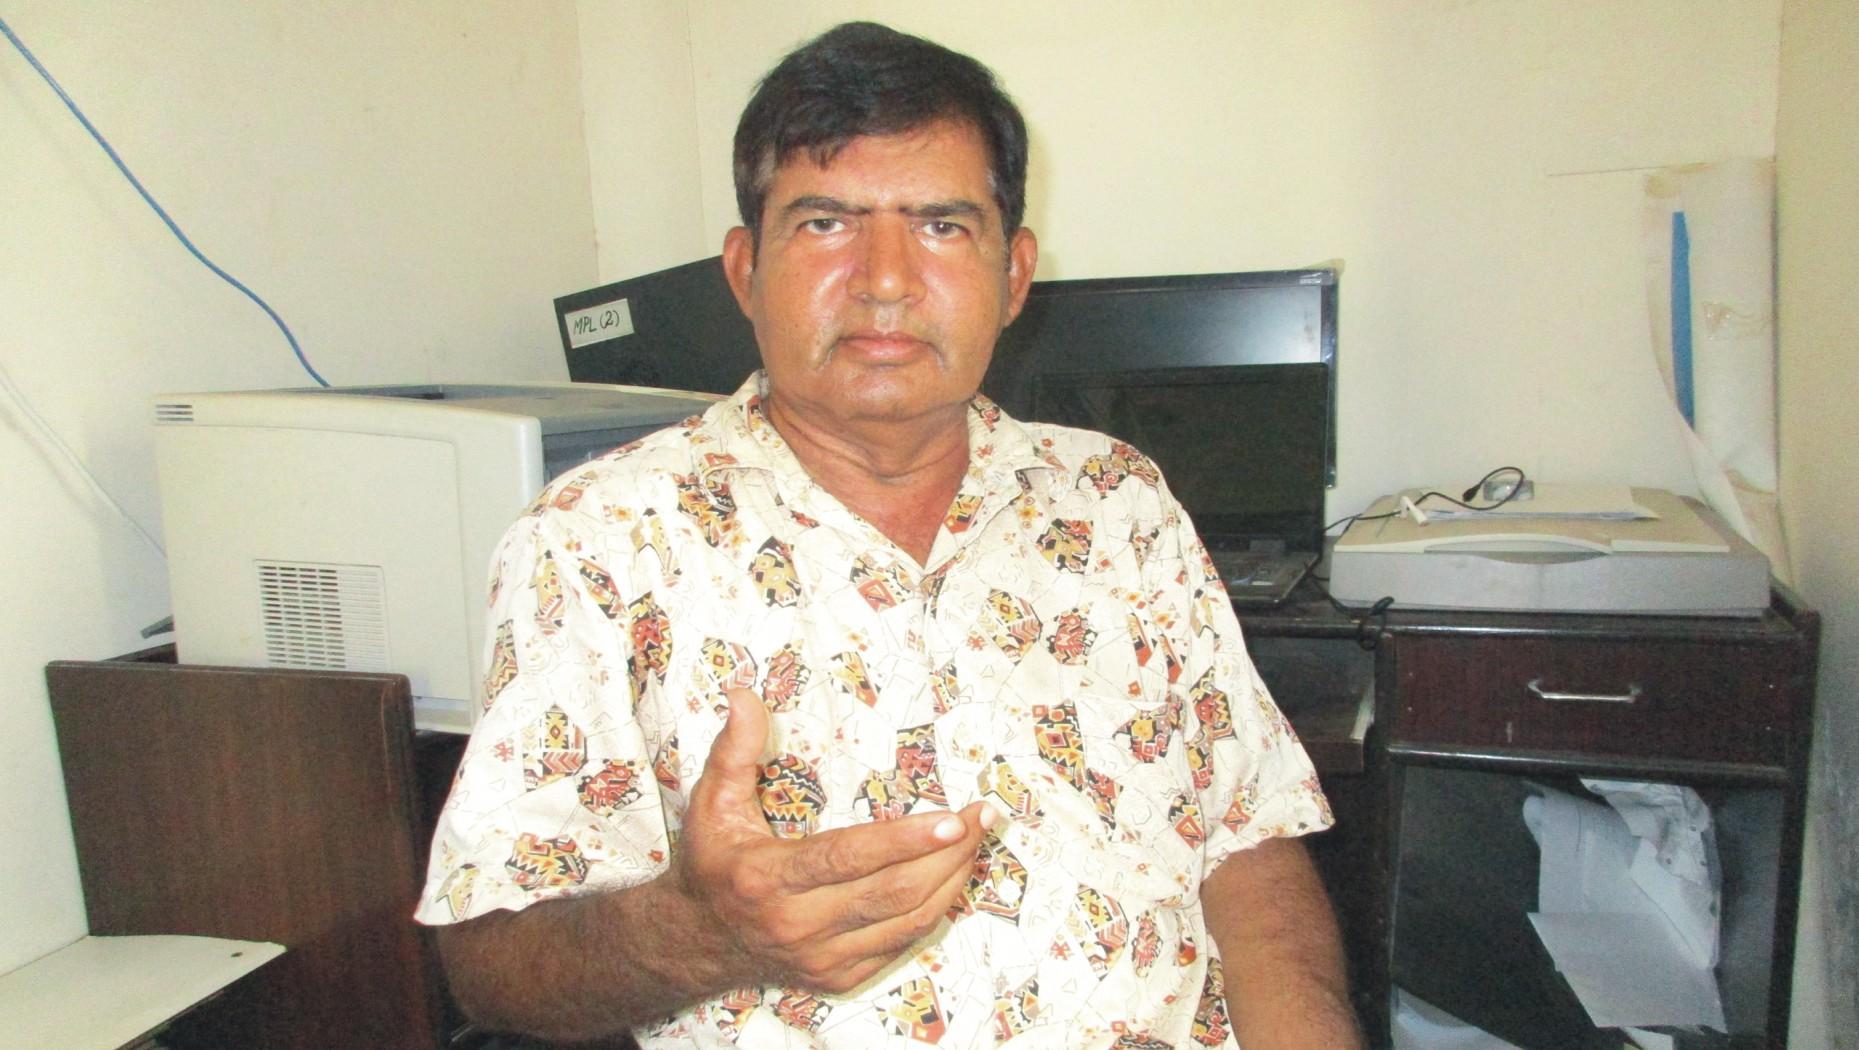 وہاڑی ادبی حوالے سے منفرد مقام رکھتا ہے: ریاض احمد سَرا